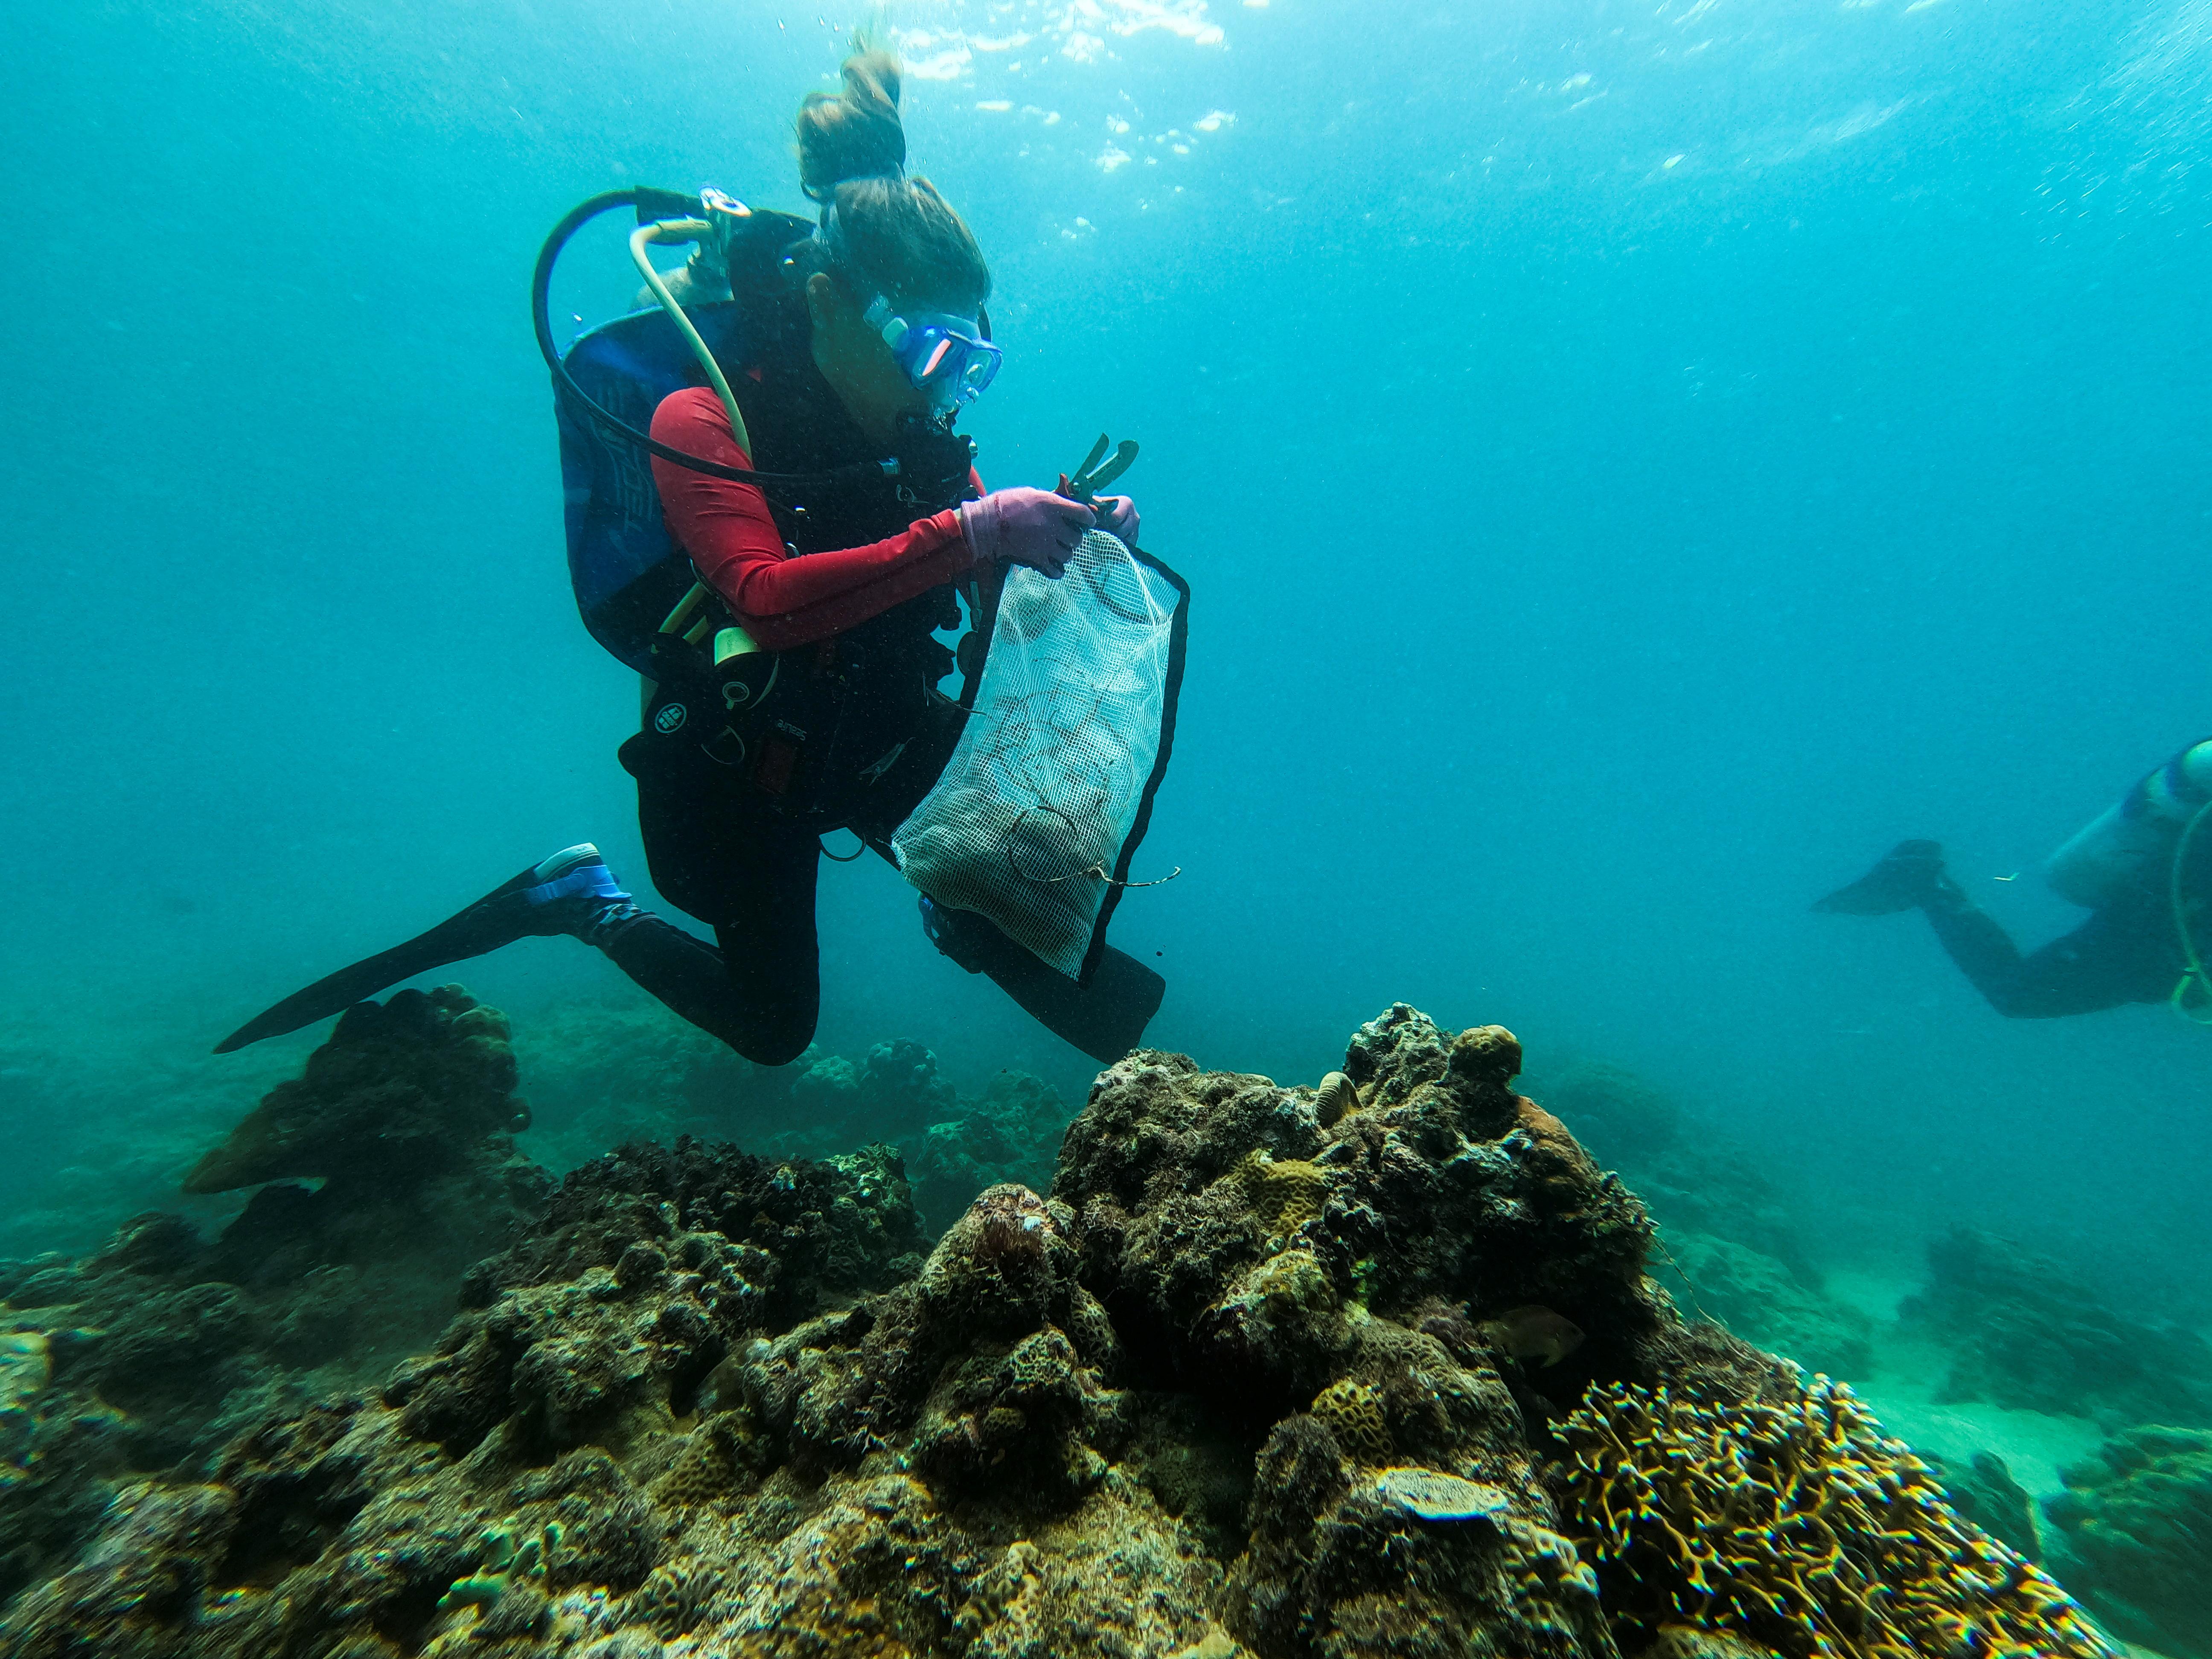 Huấn luyện viên lặn Carmela Sevilla cầm một túi lưới chứa đầy rác trong chuyến đi dọn dẹp dưới nước ở Bauan, tỉnh Batangas, Philippines, ngày 18 tháng 9 năm 2021. REUTERS / Peter Blaza